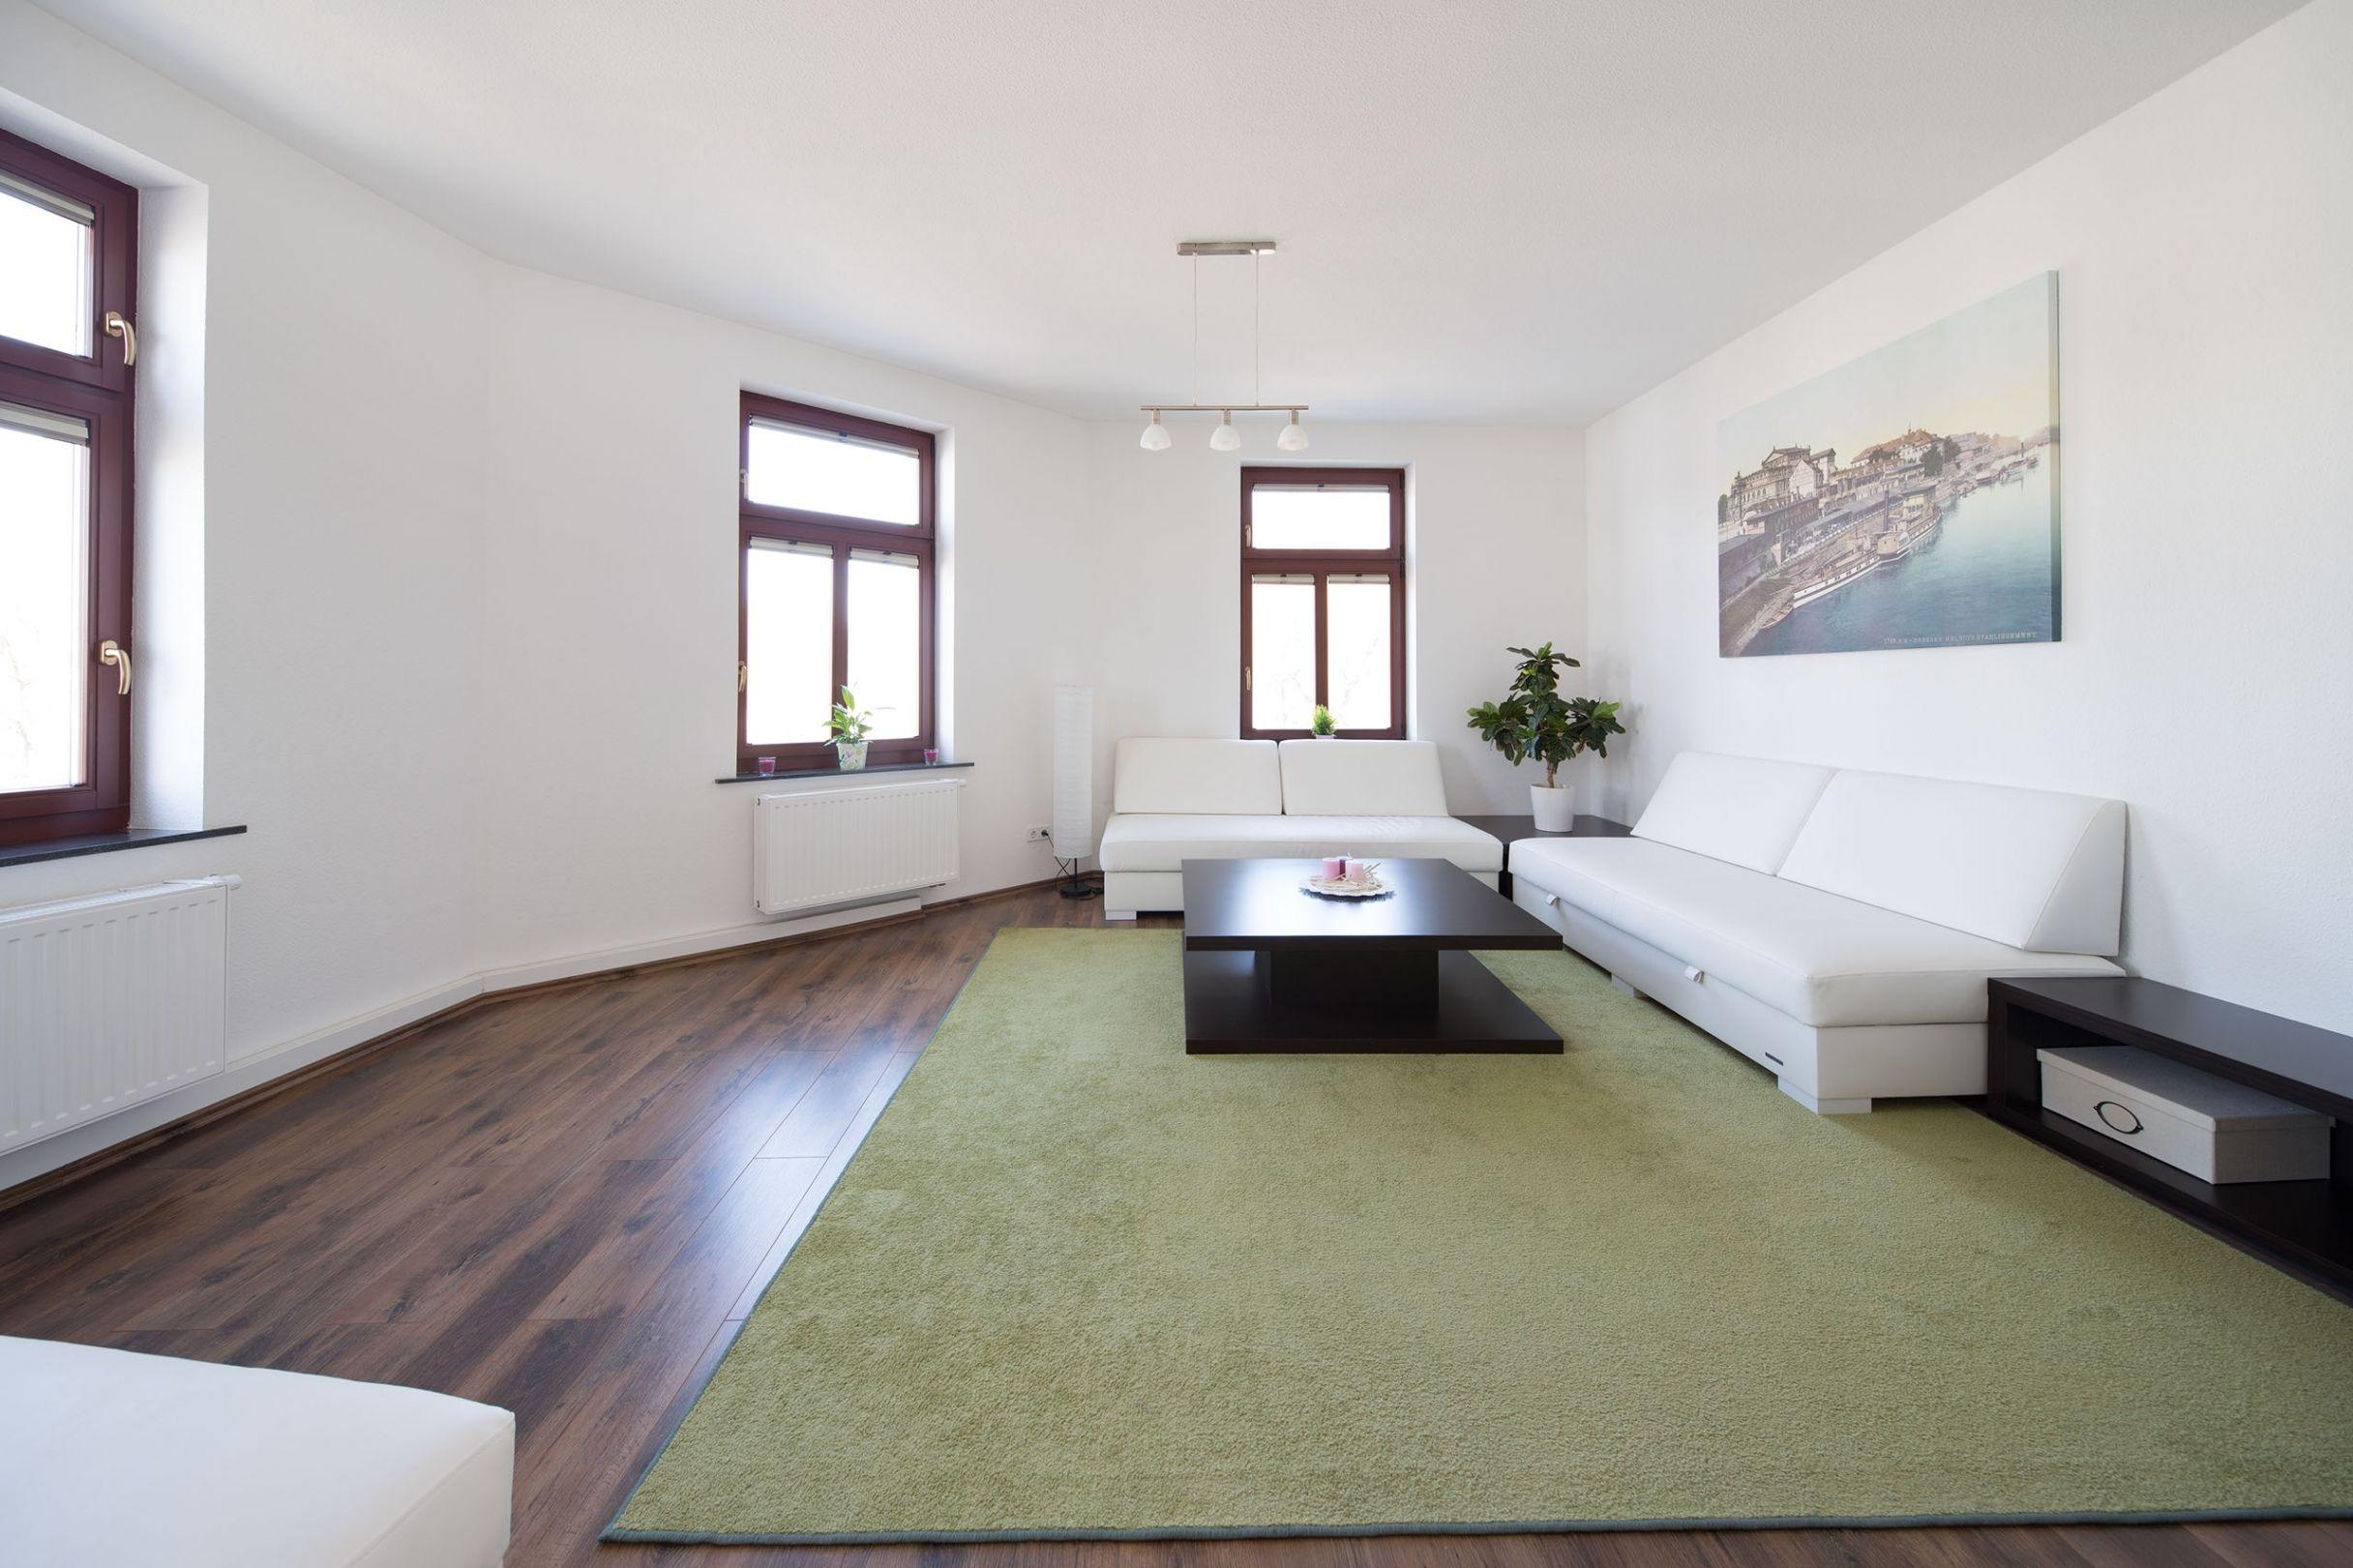 Elegante Wohnzimmer ~ Elegant wohnzimmer qm wohnzimmer boden elegante